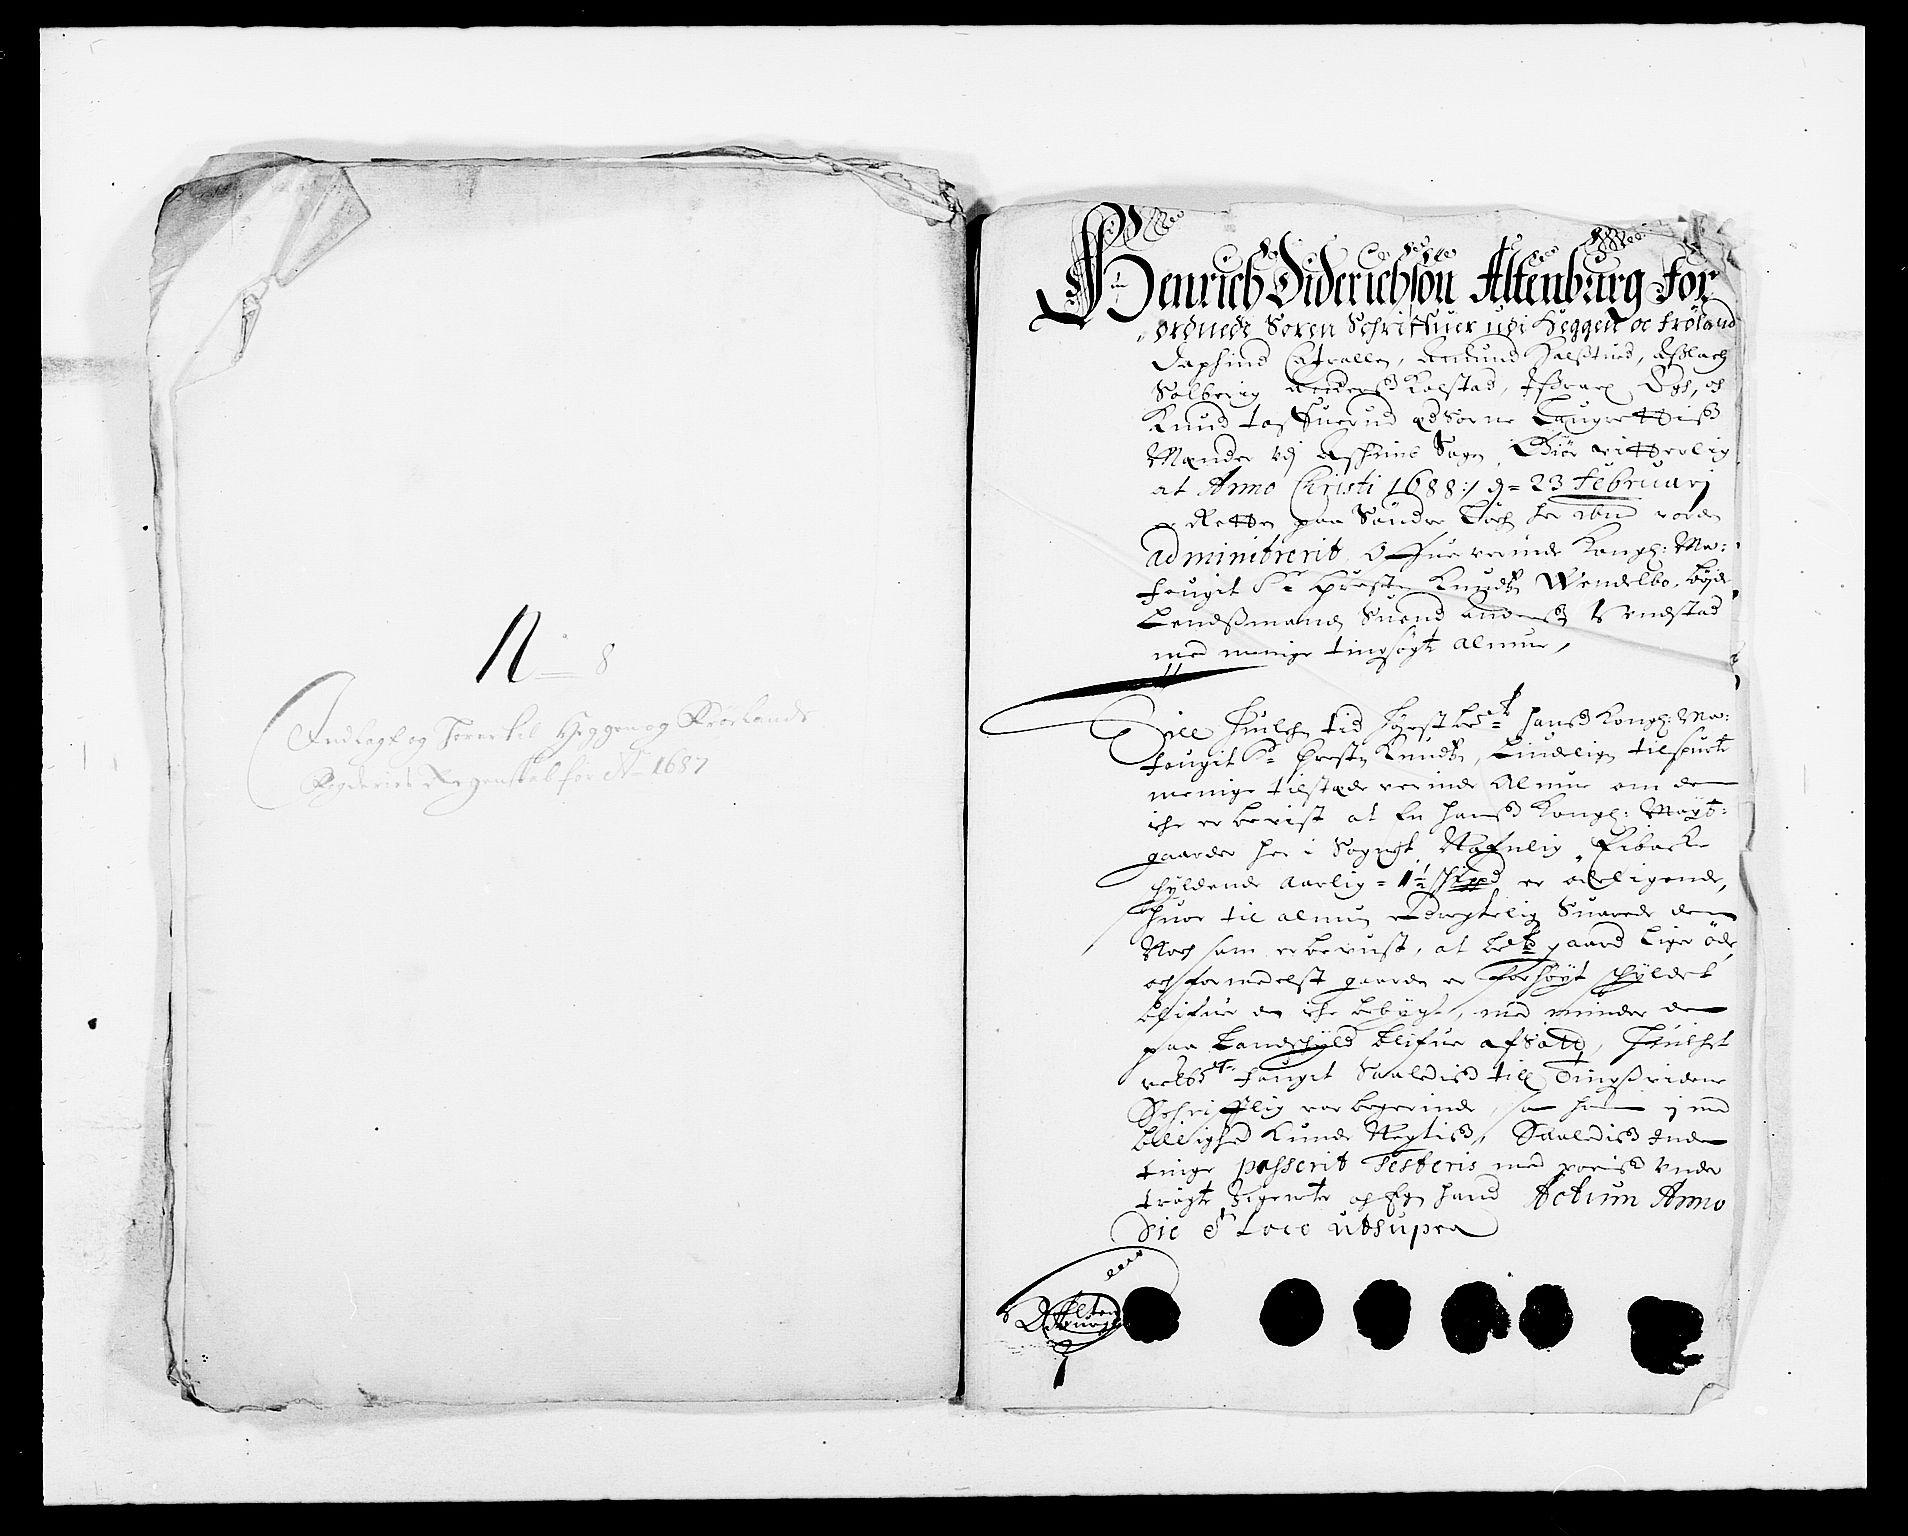 RA, Rentekammeret inntil 1814, Reviderte regnskaper, Fogderegnskap, R06/L0282: Fogderegnskap Heggen og Frøland, 1687-1690, s. 60